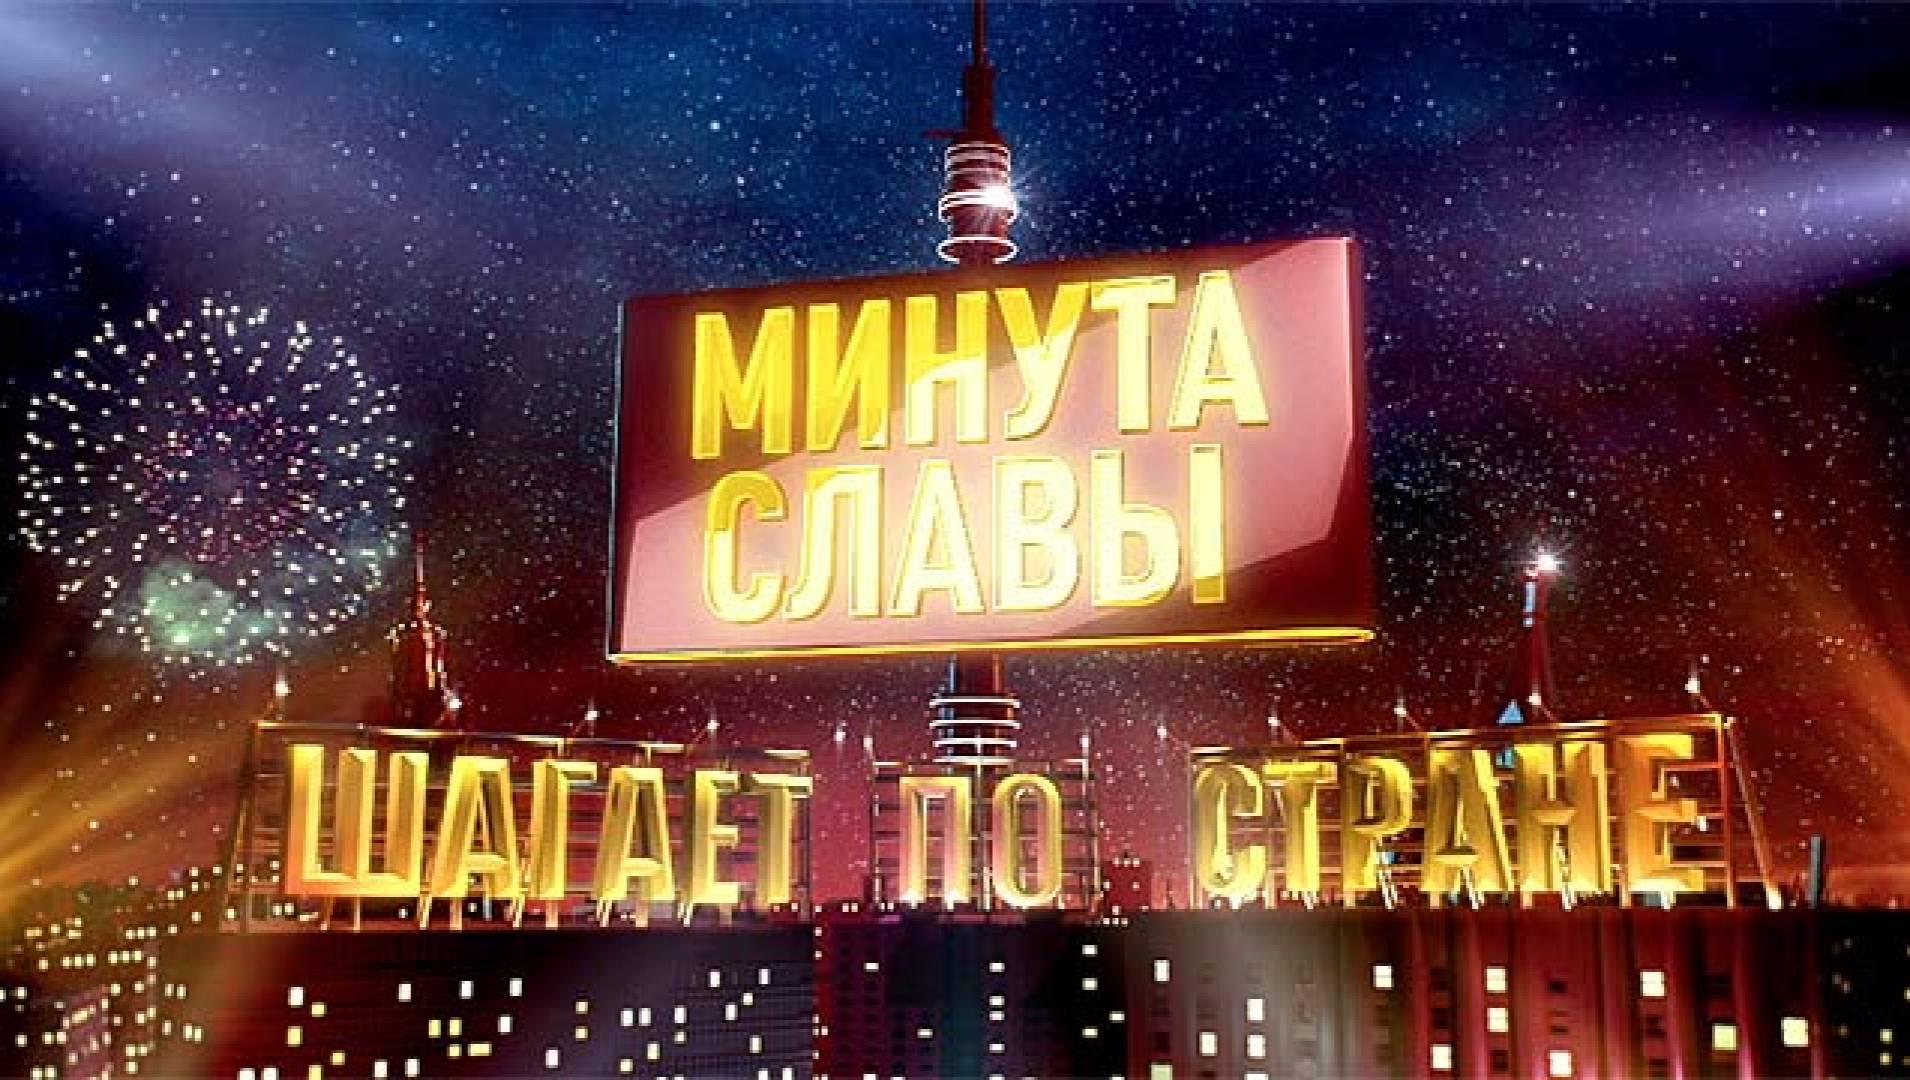 «Минута славы» шагает по стране. Финал (2012) - Развлекательная, Программа